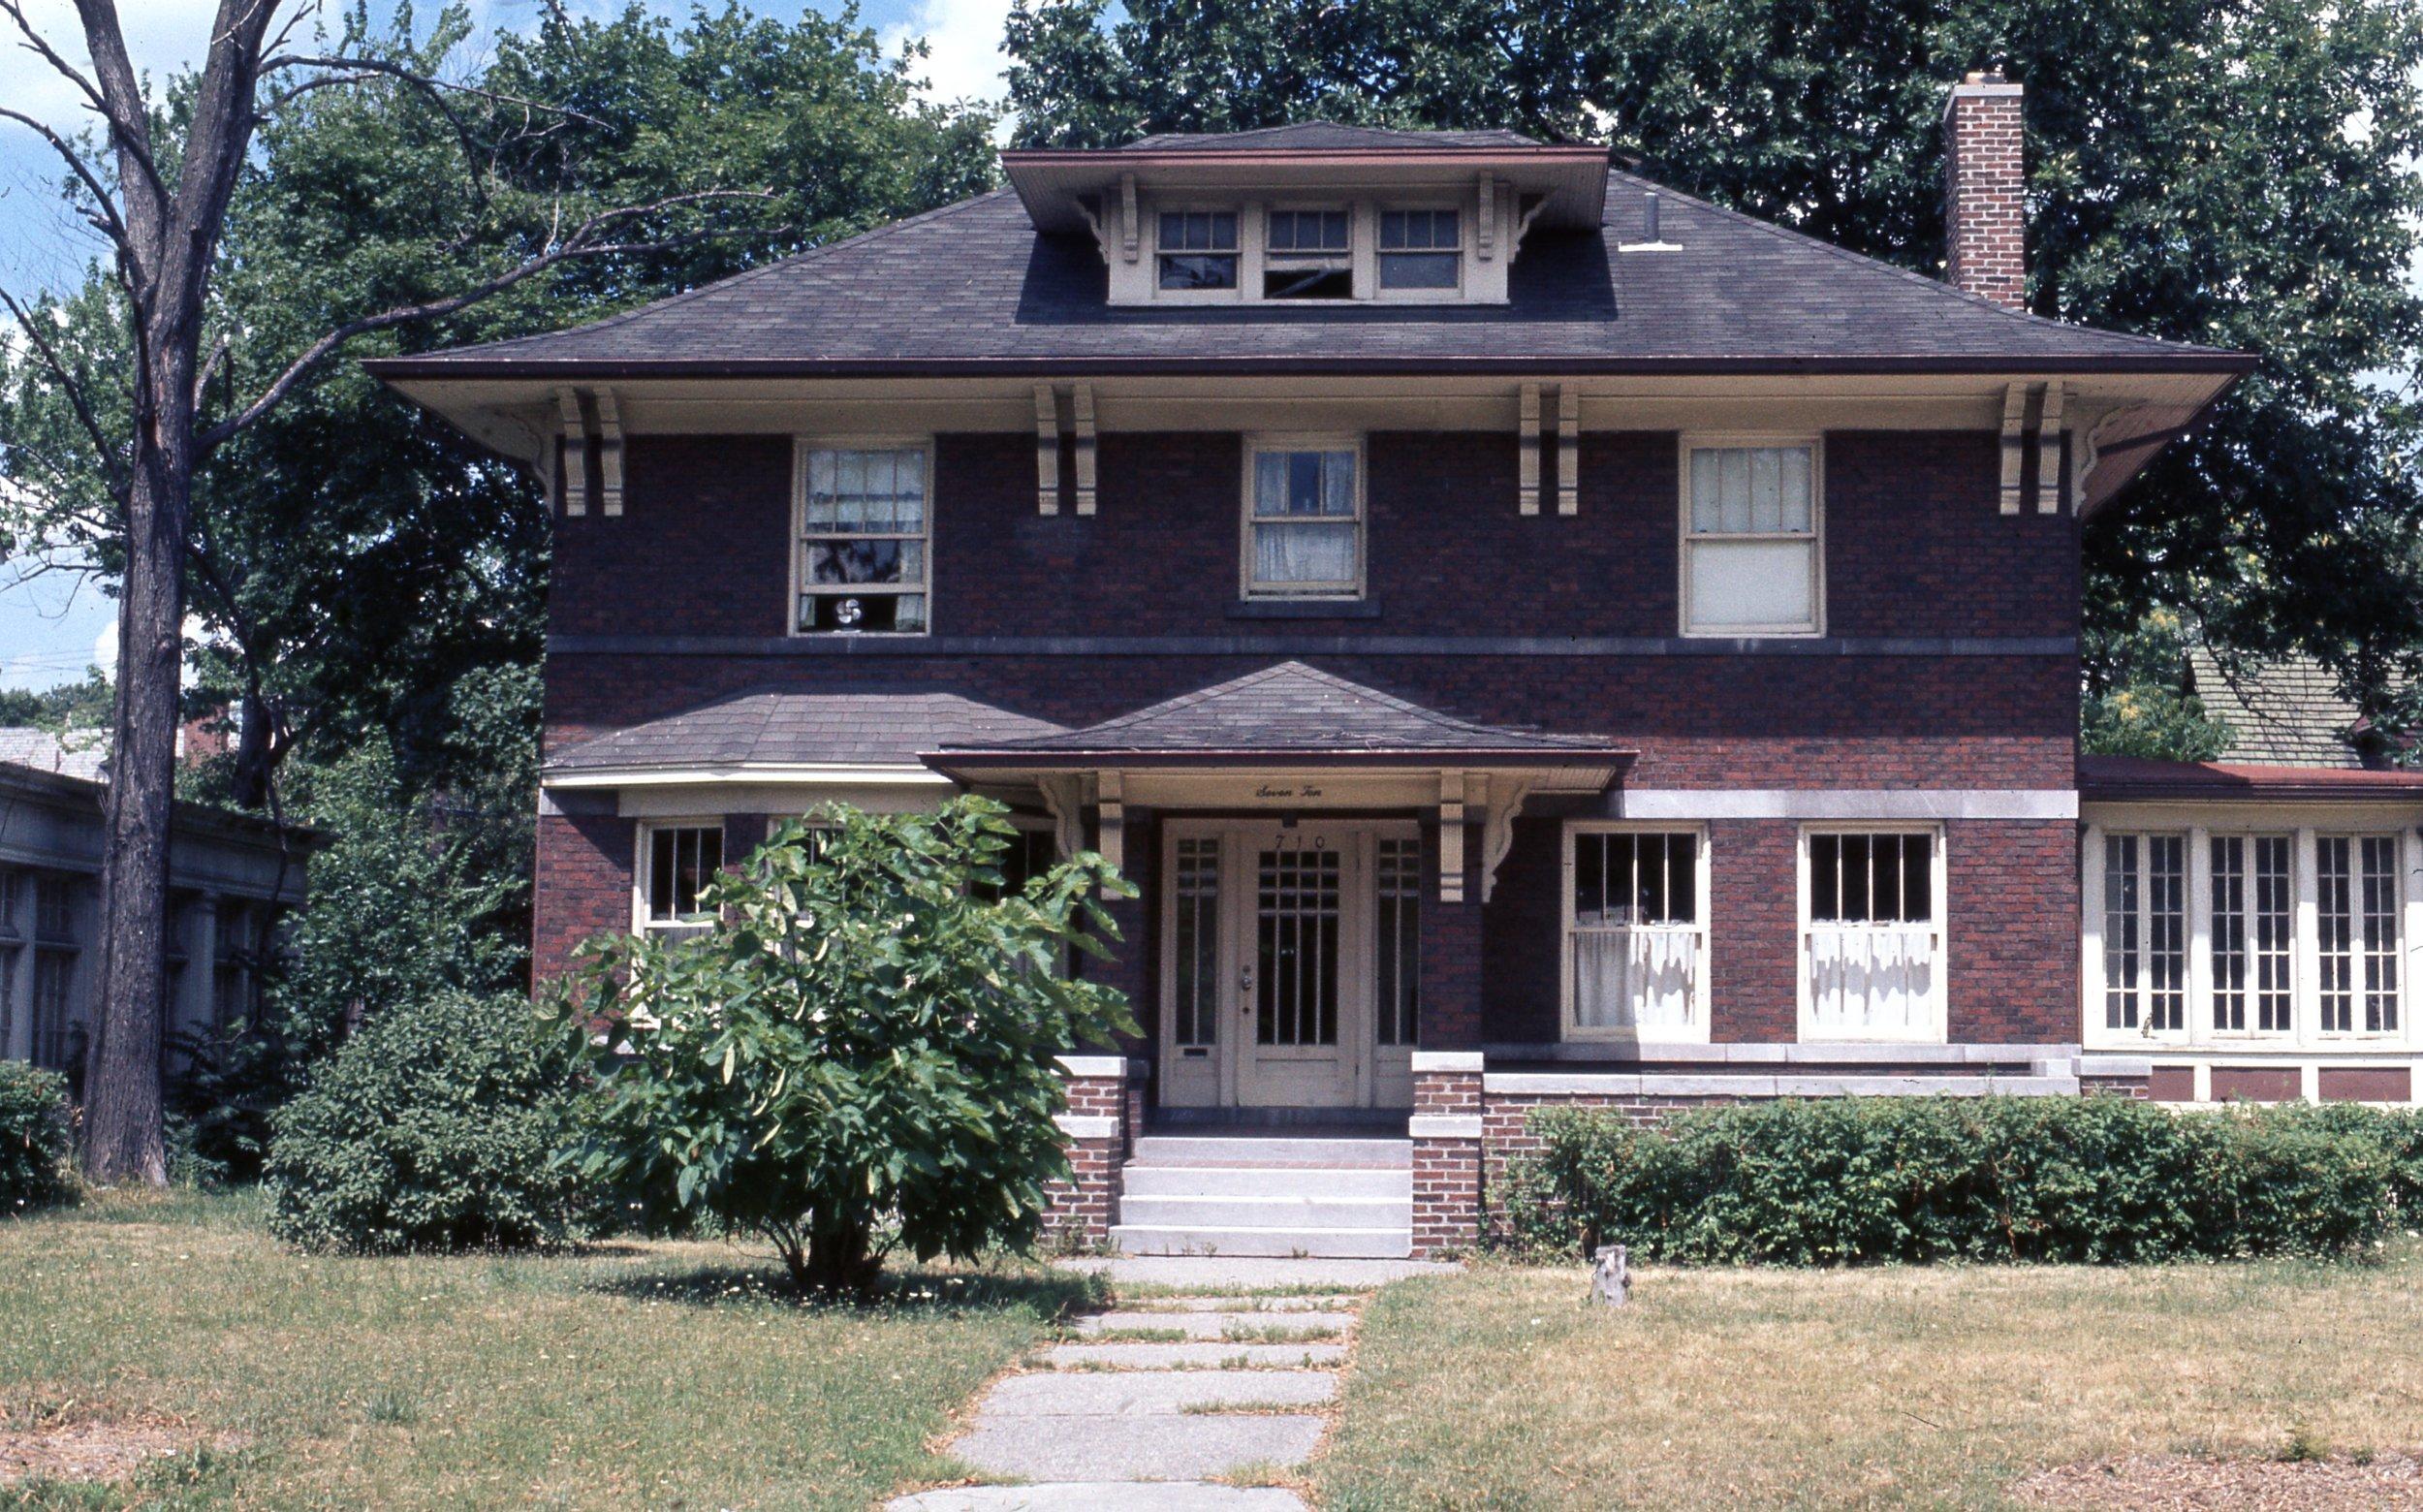 710  W. Chicago 1974.jpg